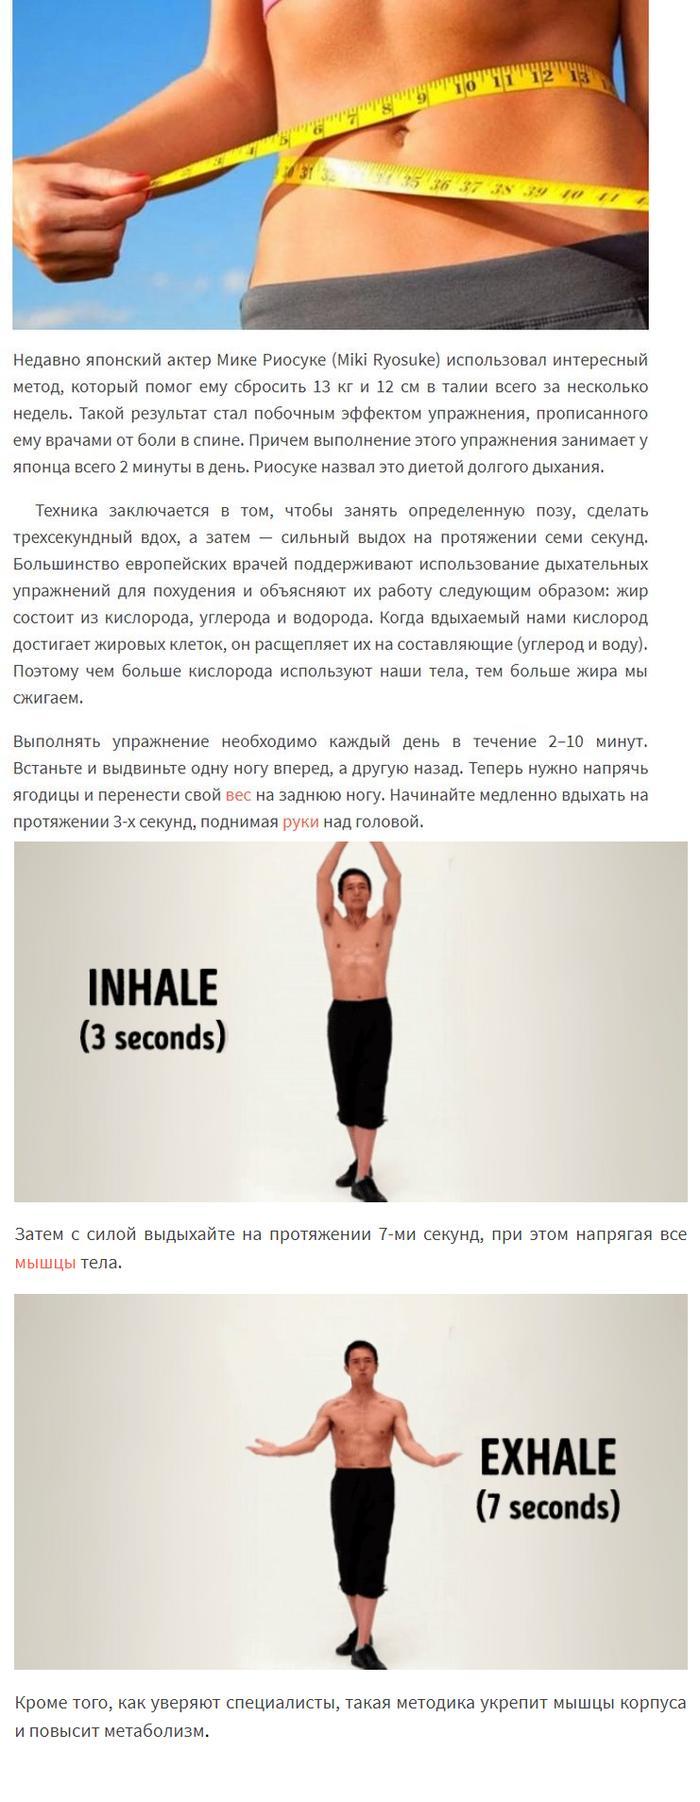 Дыхание Как Метод Похудения. Дыхательная гимнастика для похудения: упражнения и отзывы